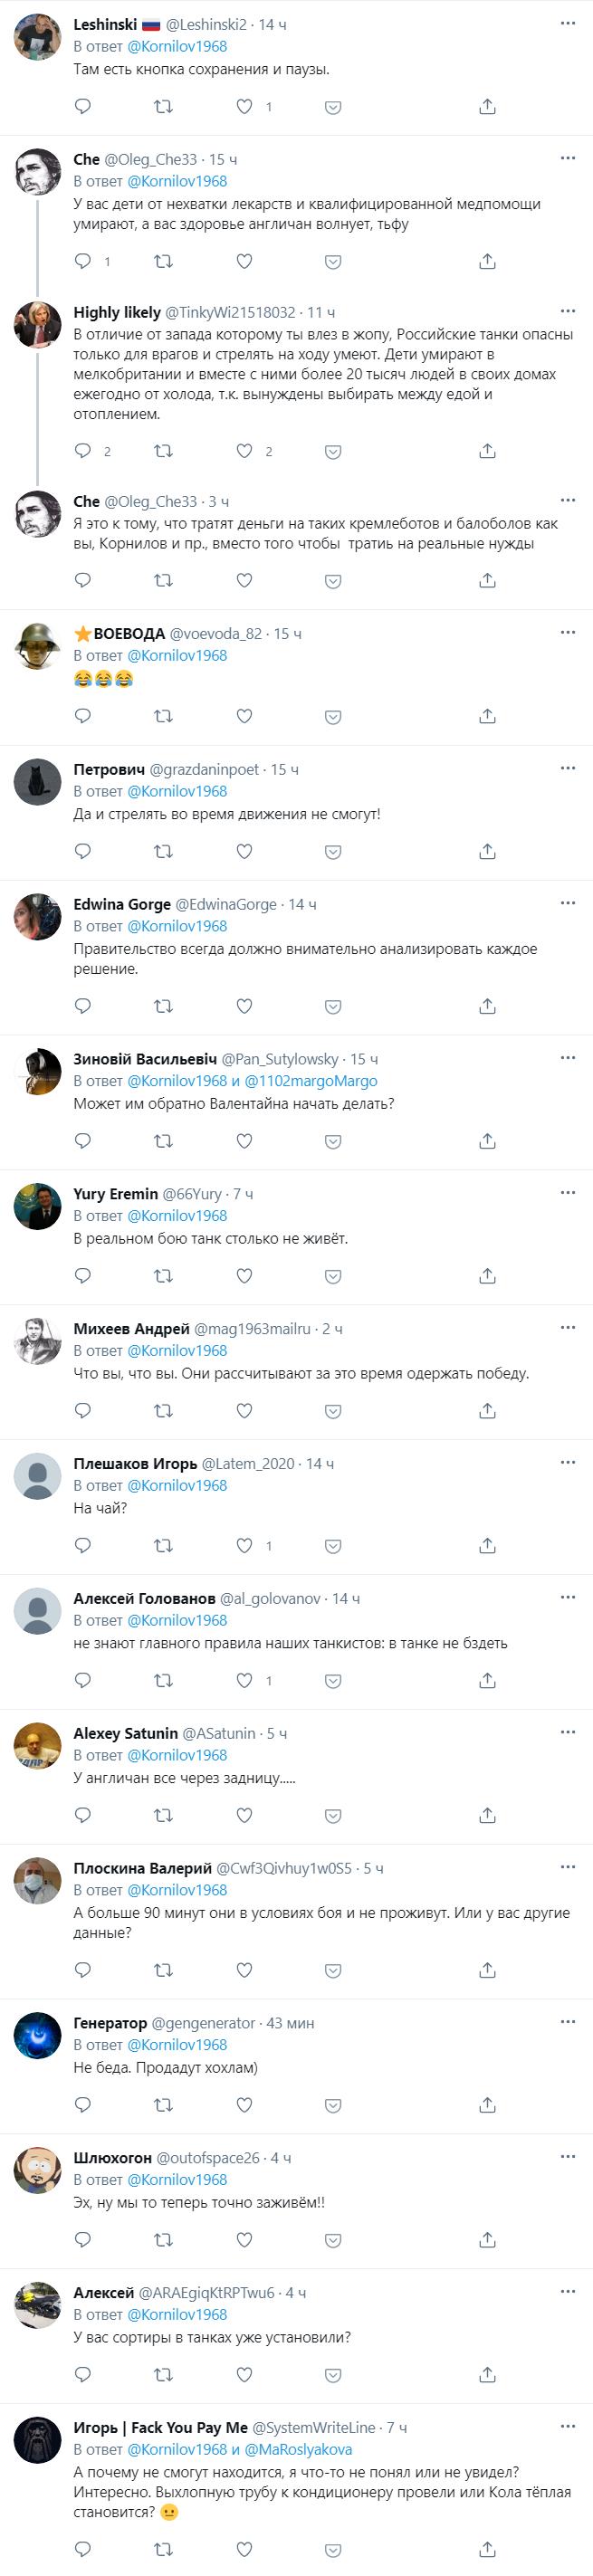 Fire-Shot-Capture-716-Vladimir-Kornilov-5-5-twitter-com